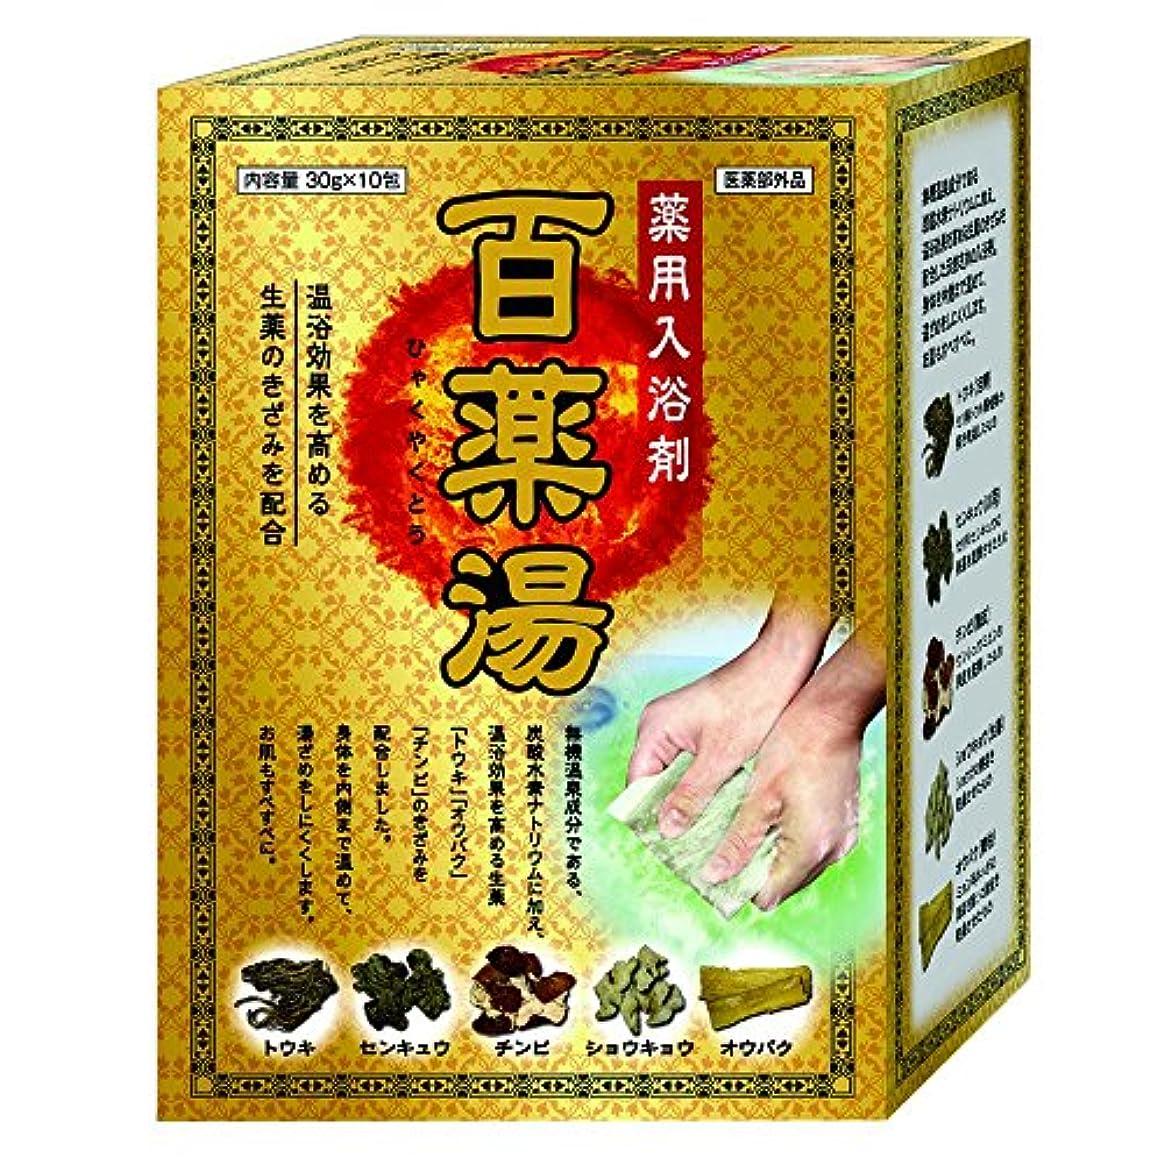 背景雨迷路百薬湯 薬用入浴剤 温浴効果を高める生薬のきざみを配合 30g×10包 (医薬部外品)